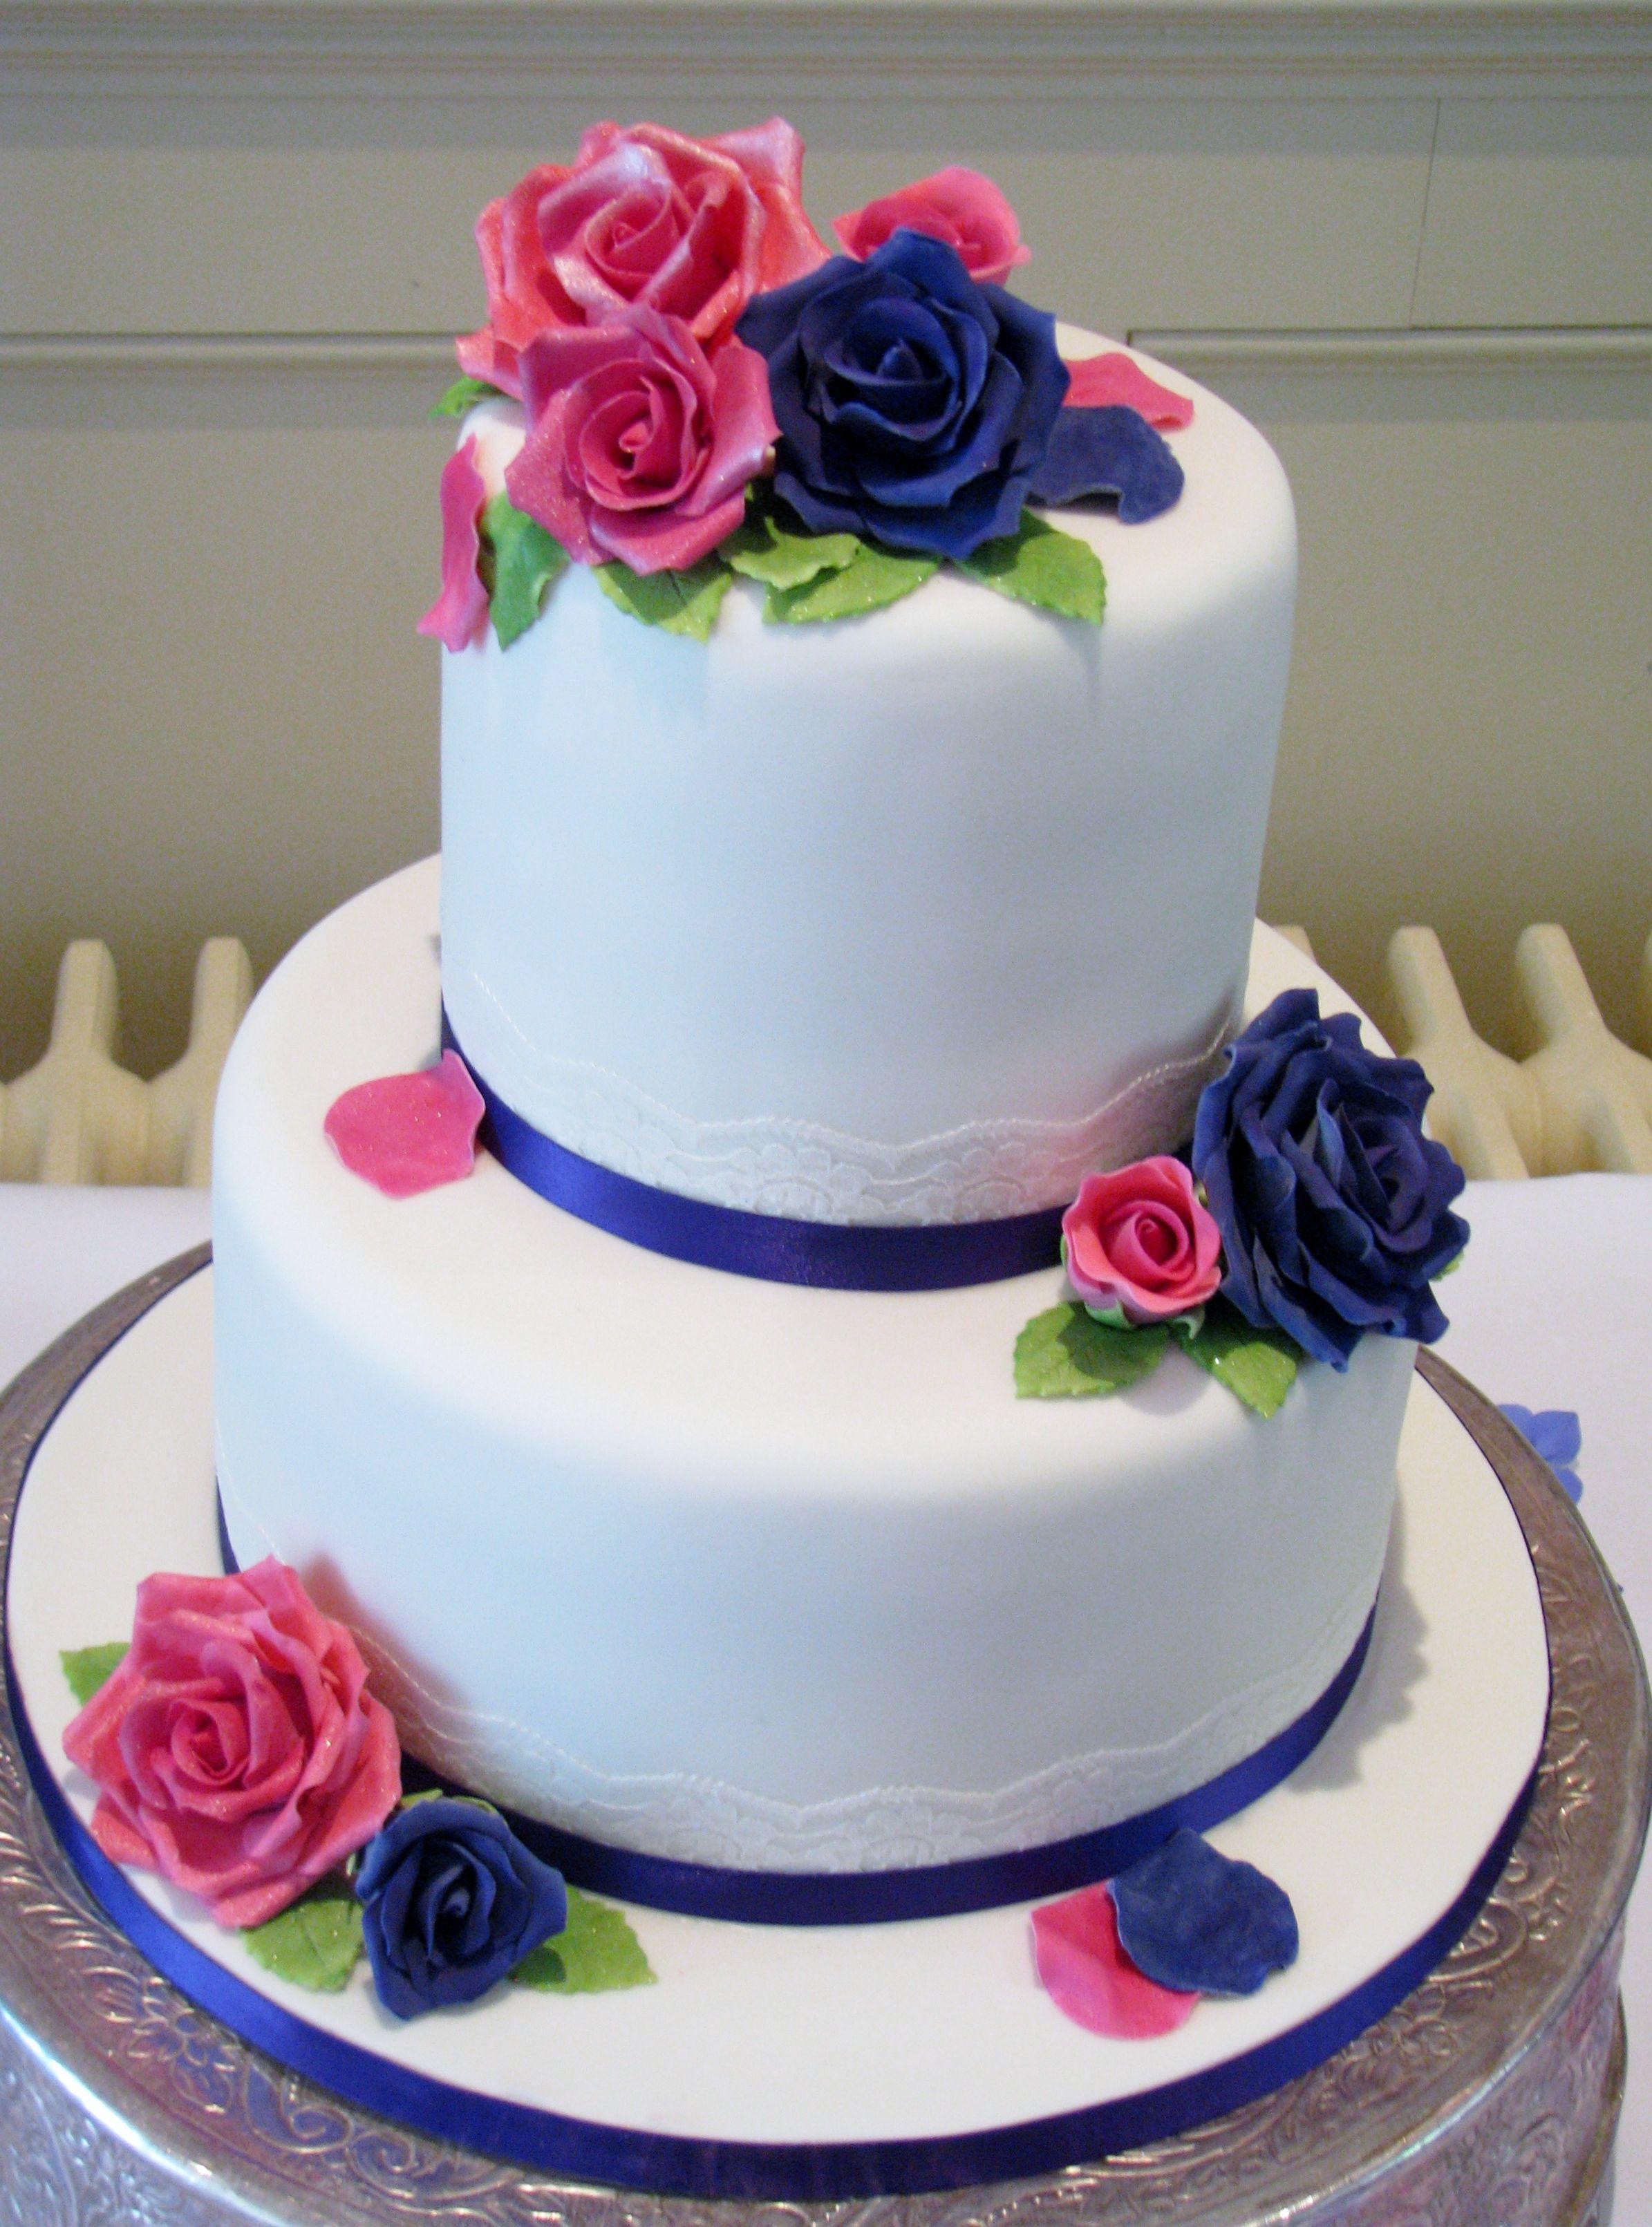 Fushia Pink And Kadbury Blue Rose Wedding Cake By Dazzlelicious